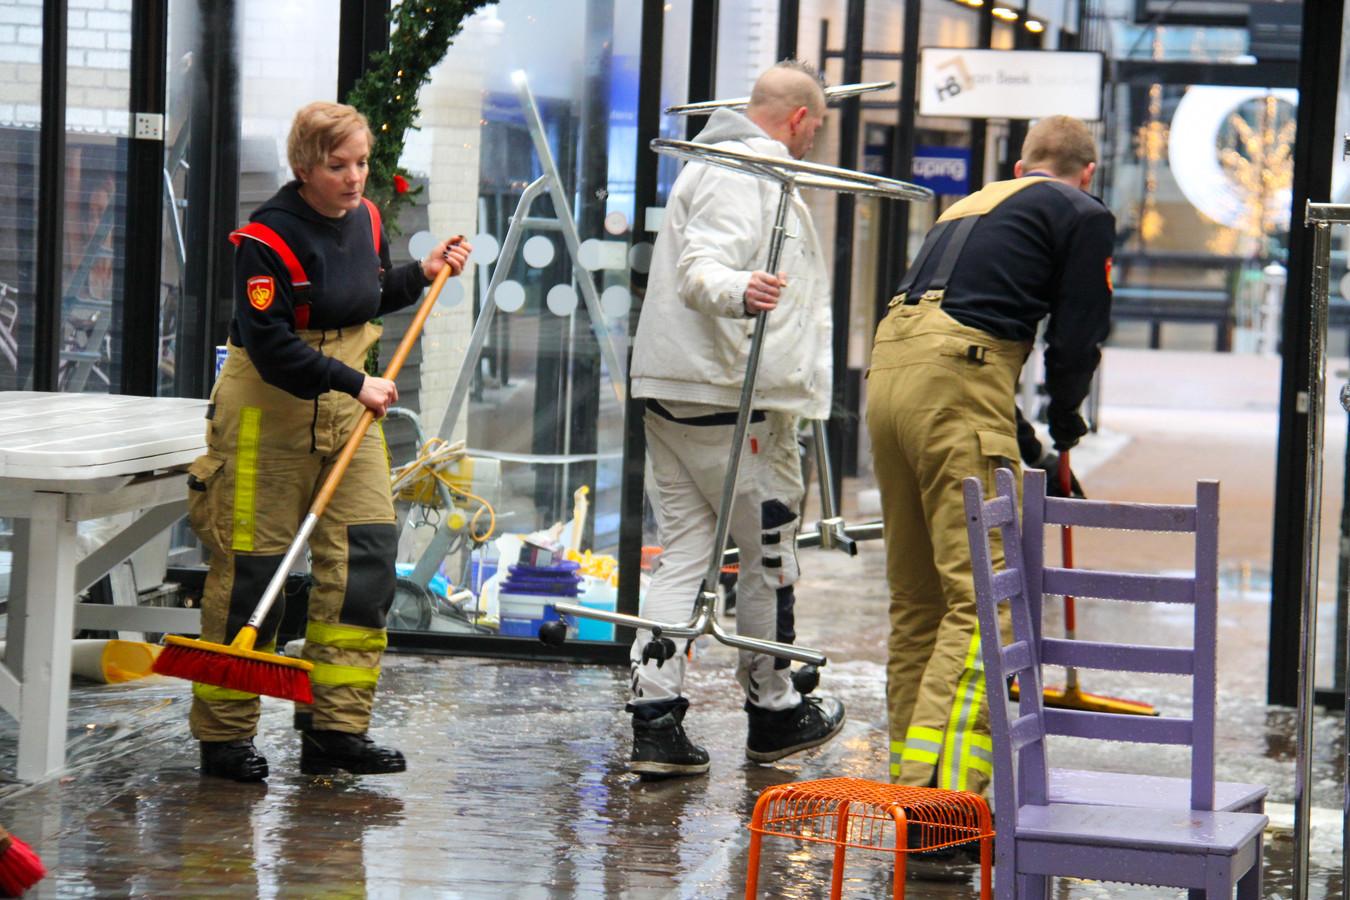 Brandweerlieden zijn druk met het verwijderen van het bluswater dat in de Korenpassage uit de sprinklerinstallatie spoot.